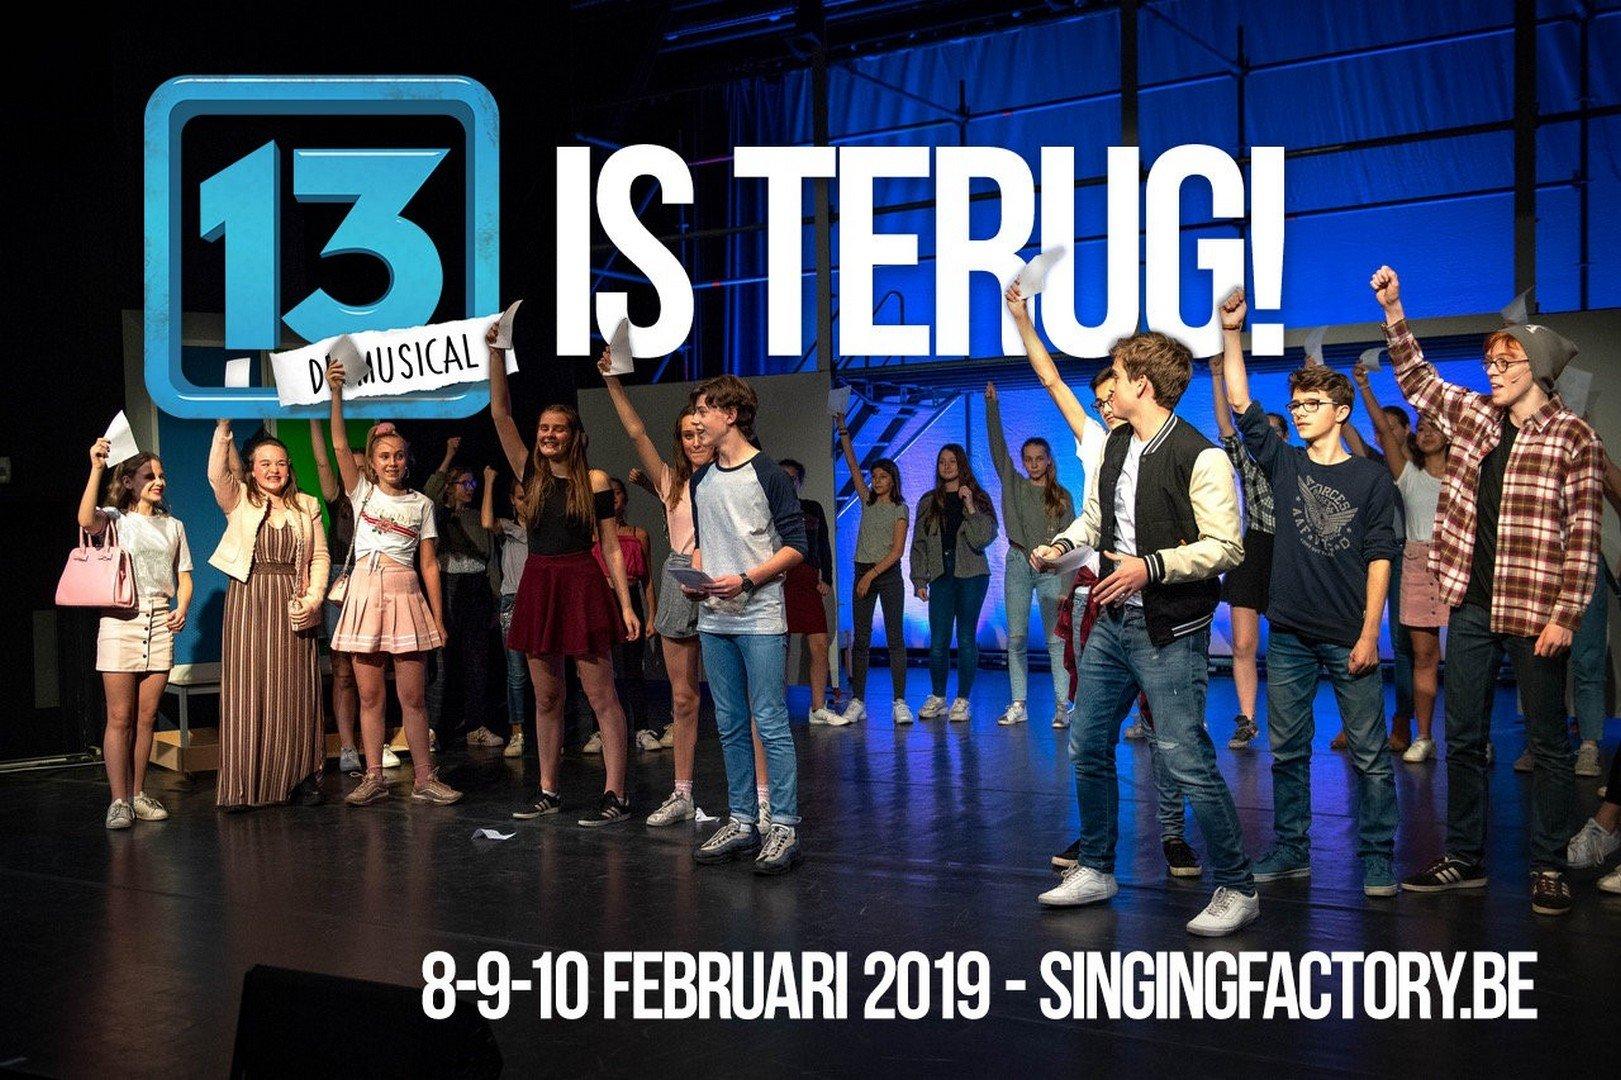 Tienercast swingende popmusical '13' klaar voor extra speelronde! - Musical 13 2